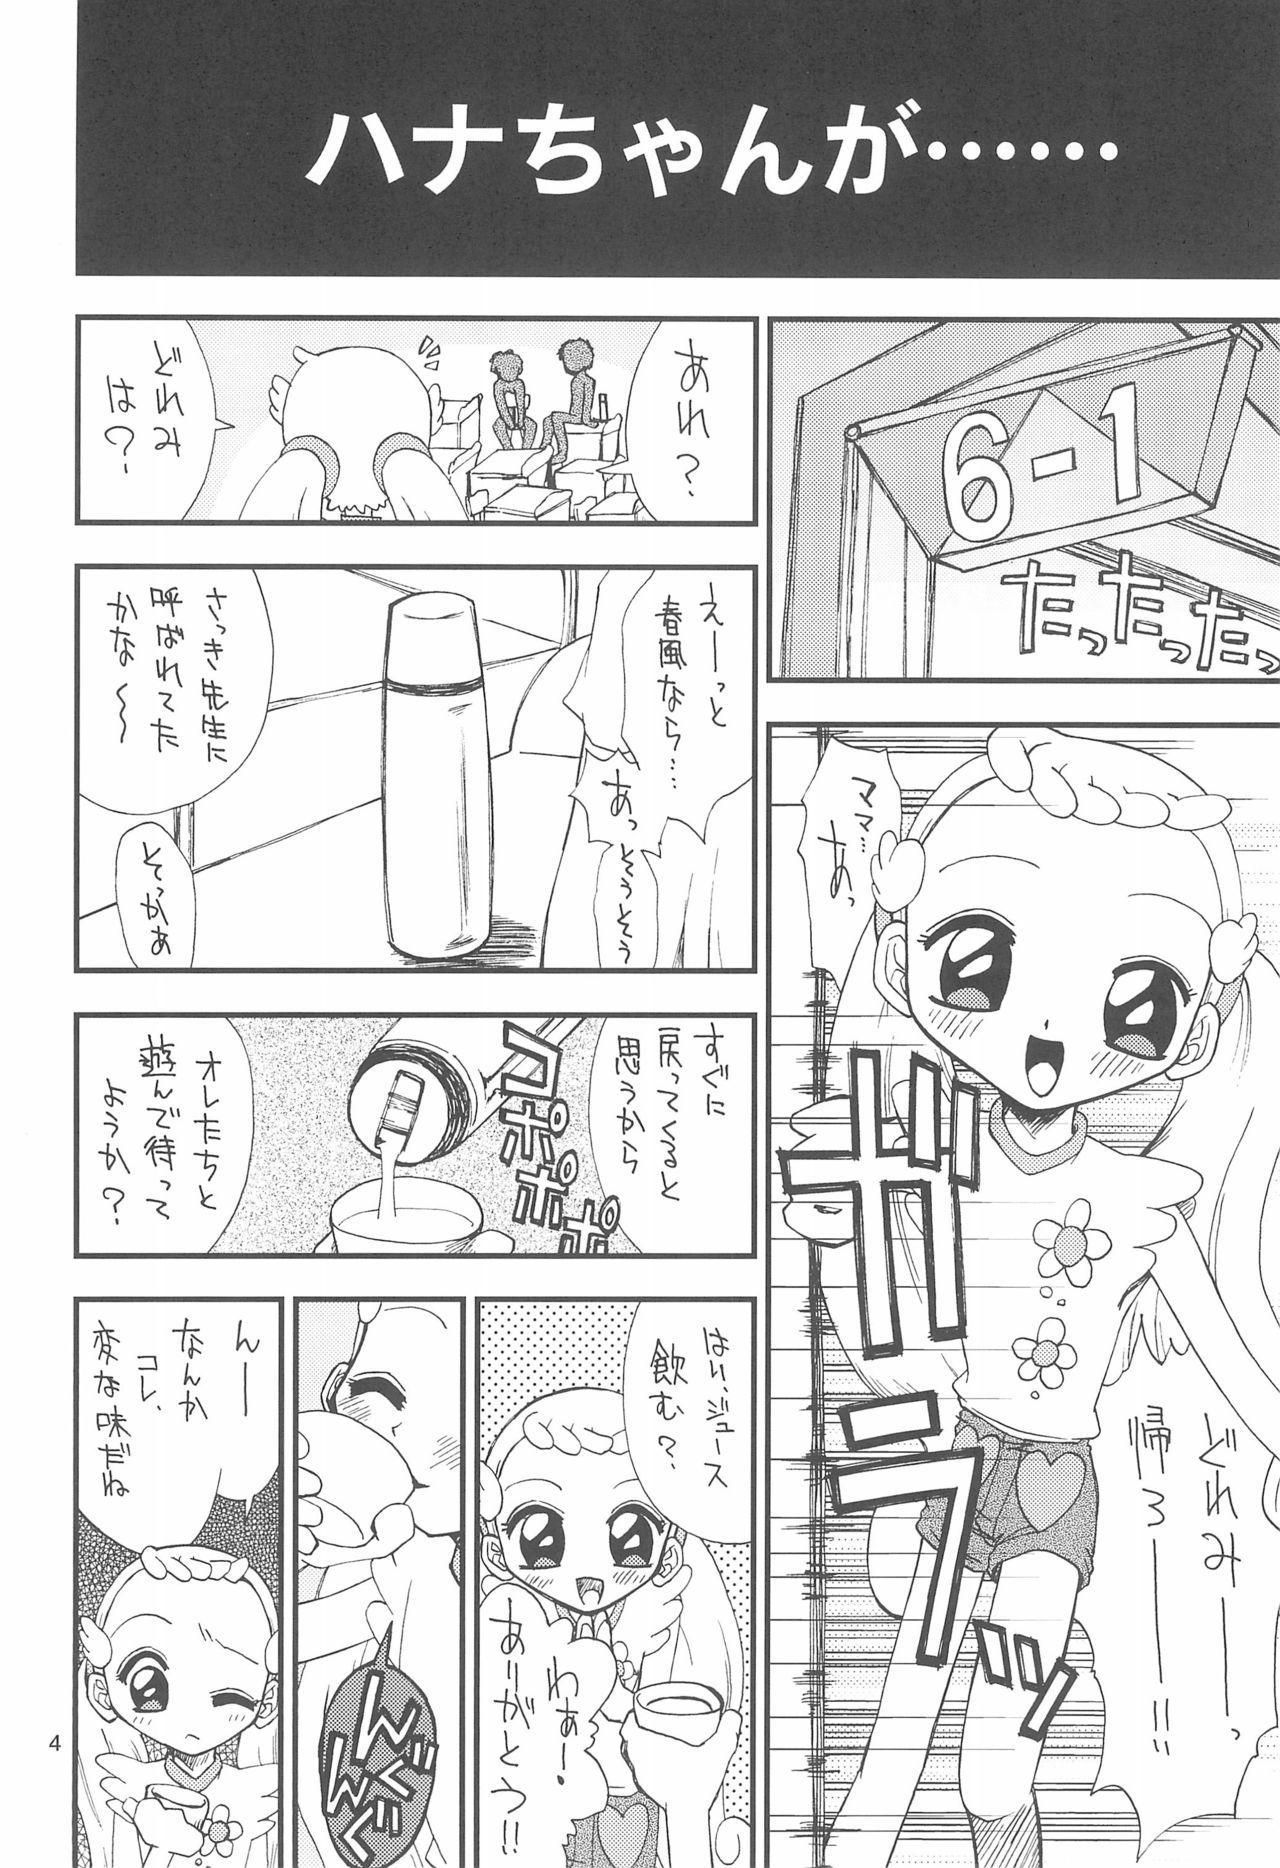 [Tokai Oohashi (Kari) (Ryu-ya)] Onpu-chan/Hana-chan (Ojamajo Doremi) 5